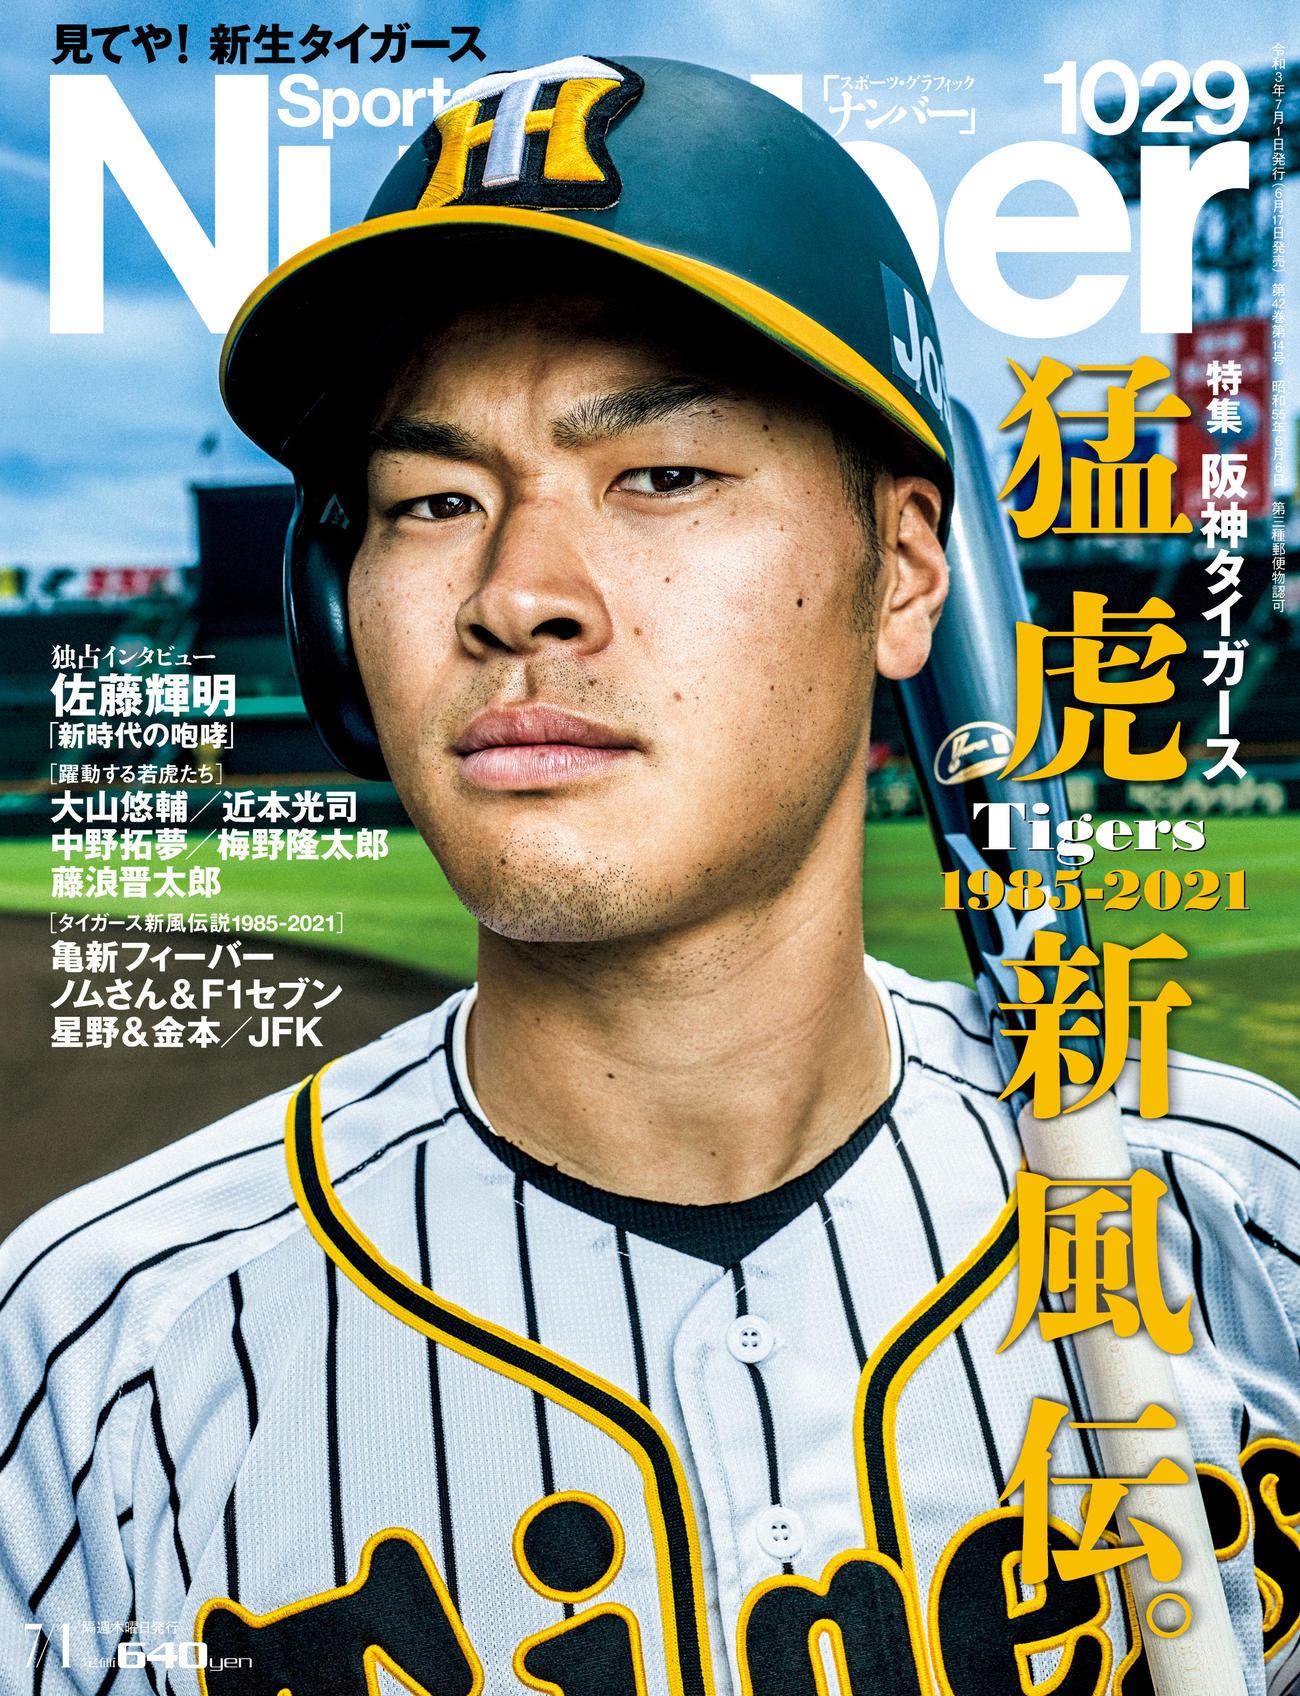 6月17日木曜日発売のNumber最新号の表紙と巻頭を飾る佐藤輝(Sports Graphic Number提供)